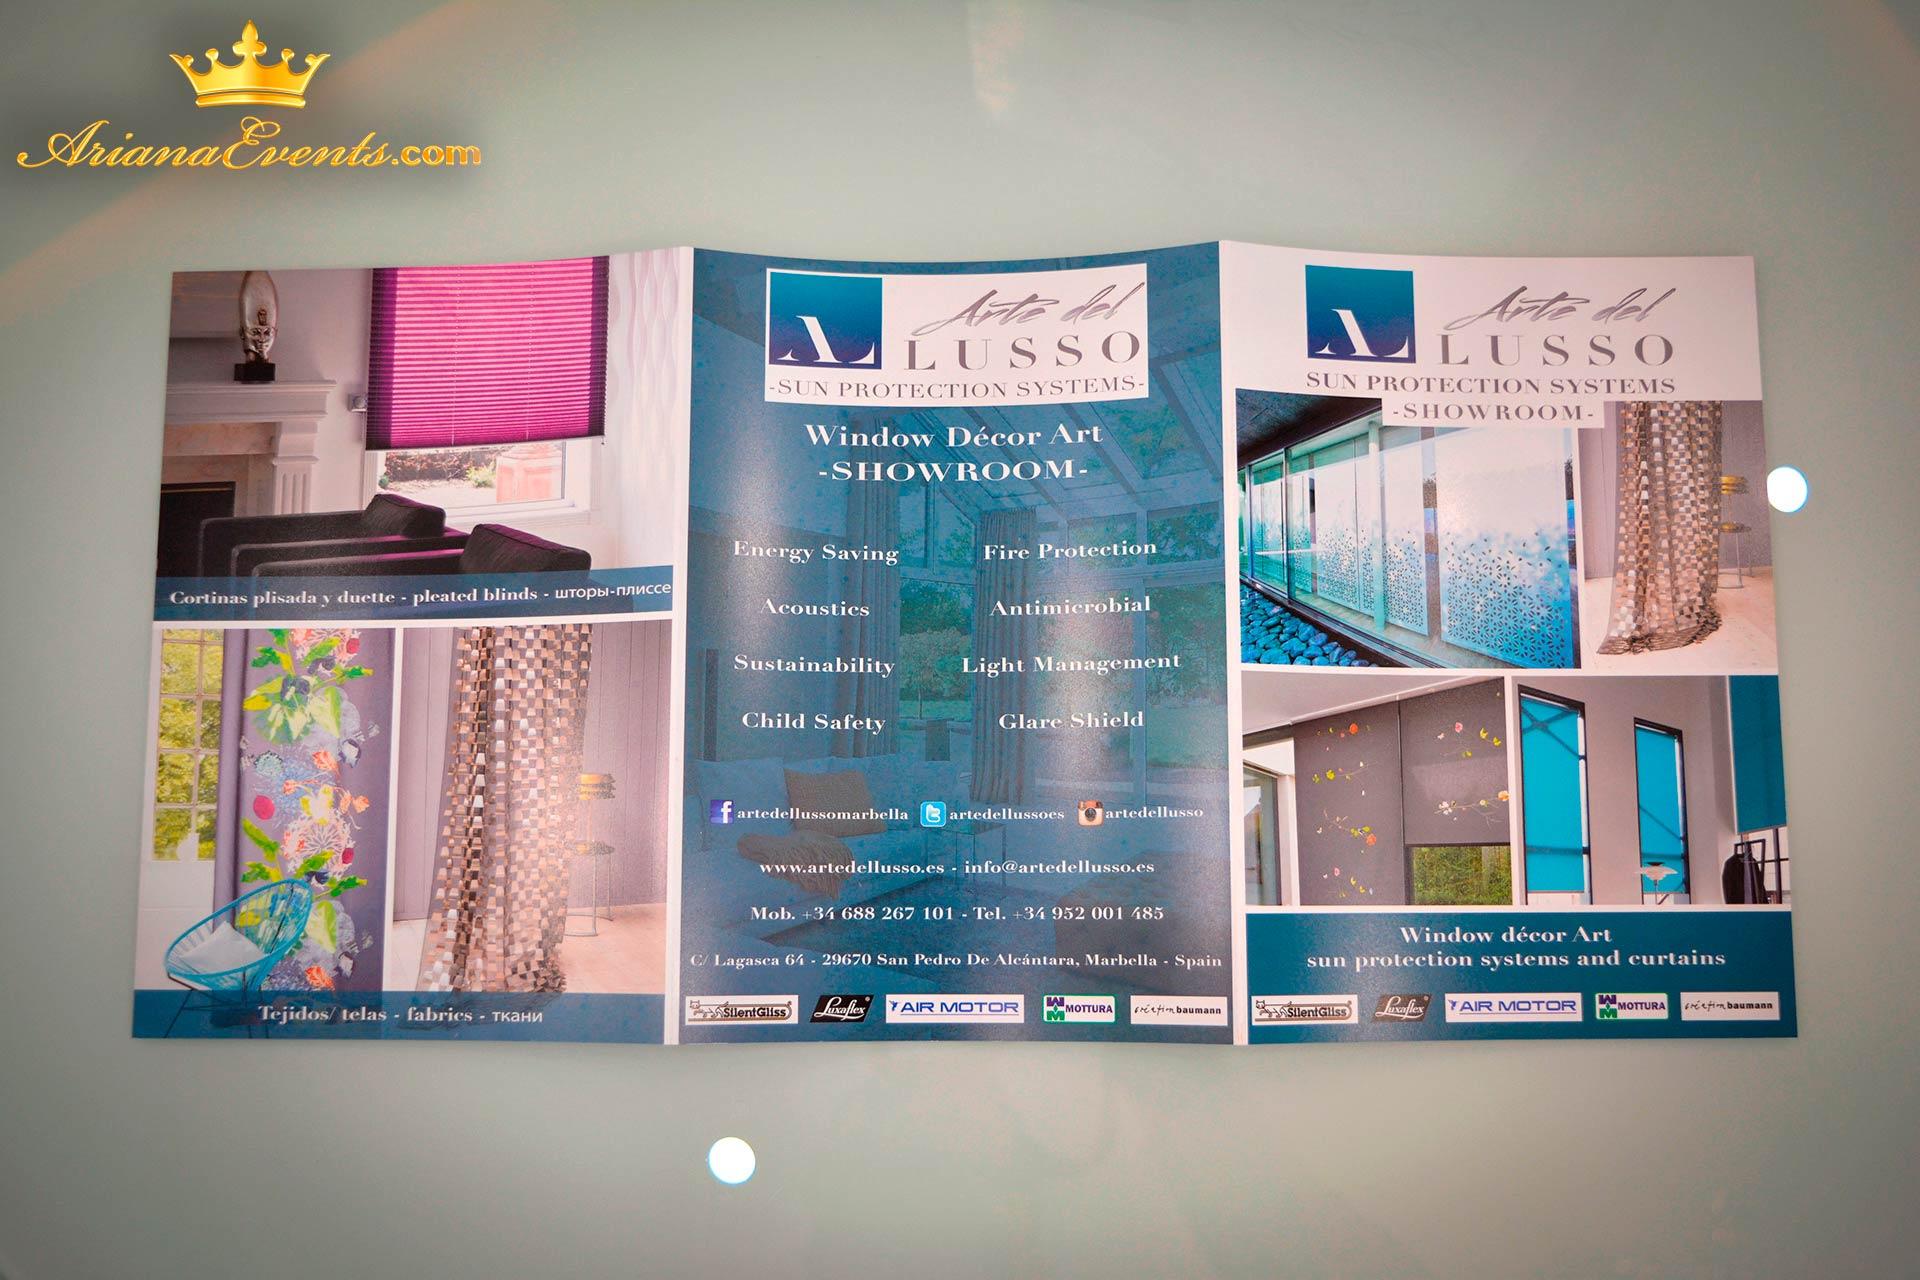 Arte del Lusso Marbella Brochure www.arianasoffici.com